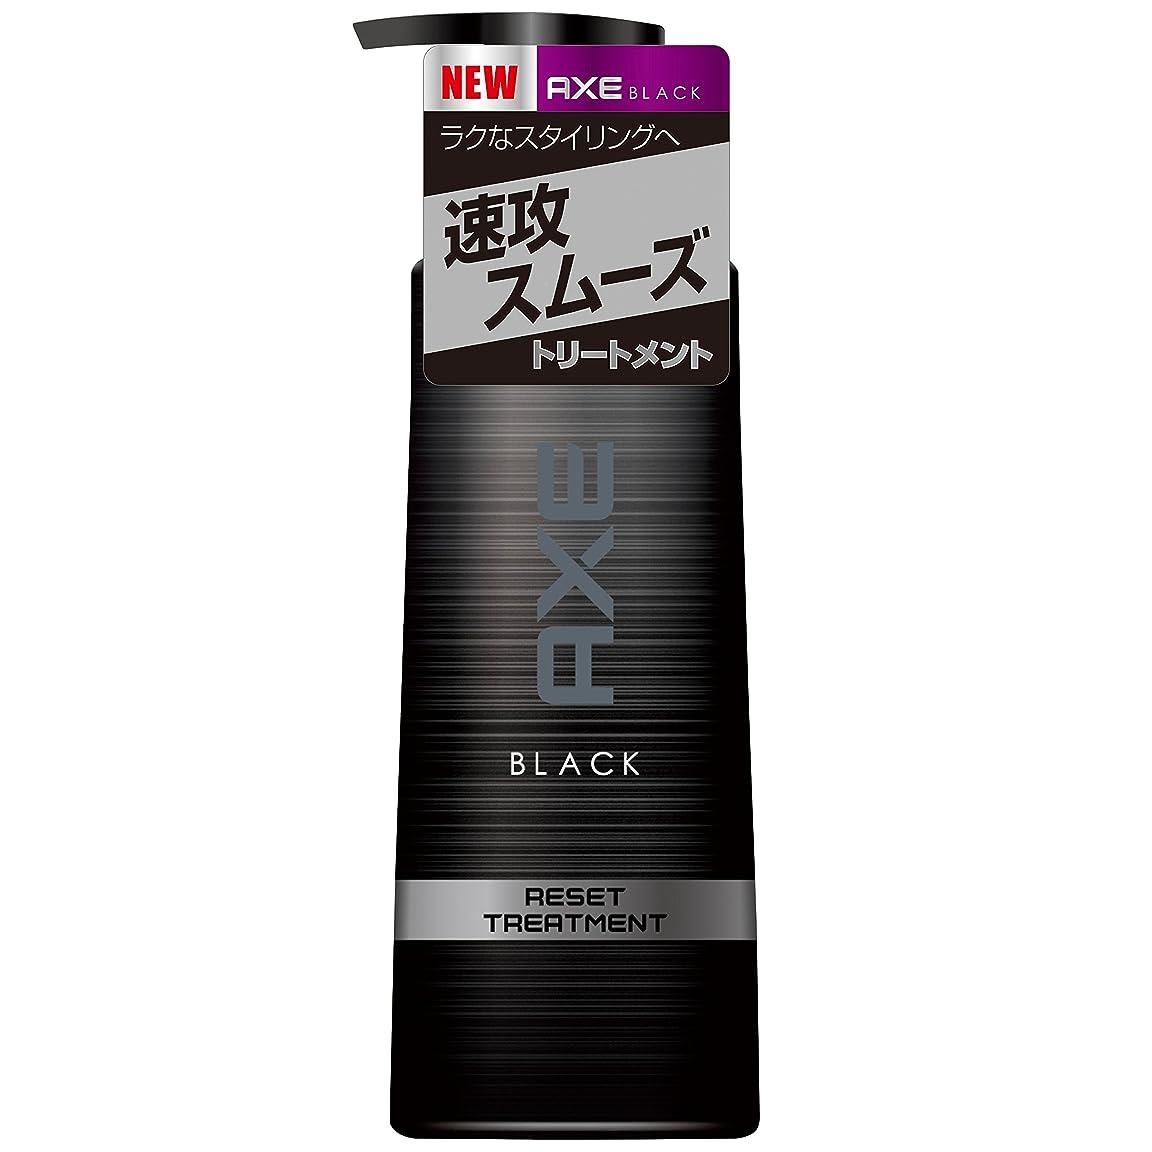 ピボット定義するいまアックス ブラック 男性用 トリートメント ポンプ (速攻スムーズ、ラクなスタイリングへ) 350g (クールマリンのさりげない香り)